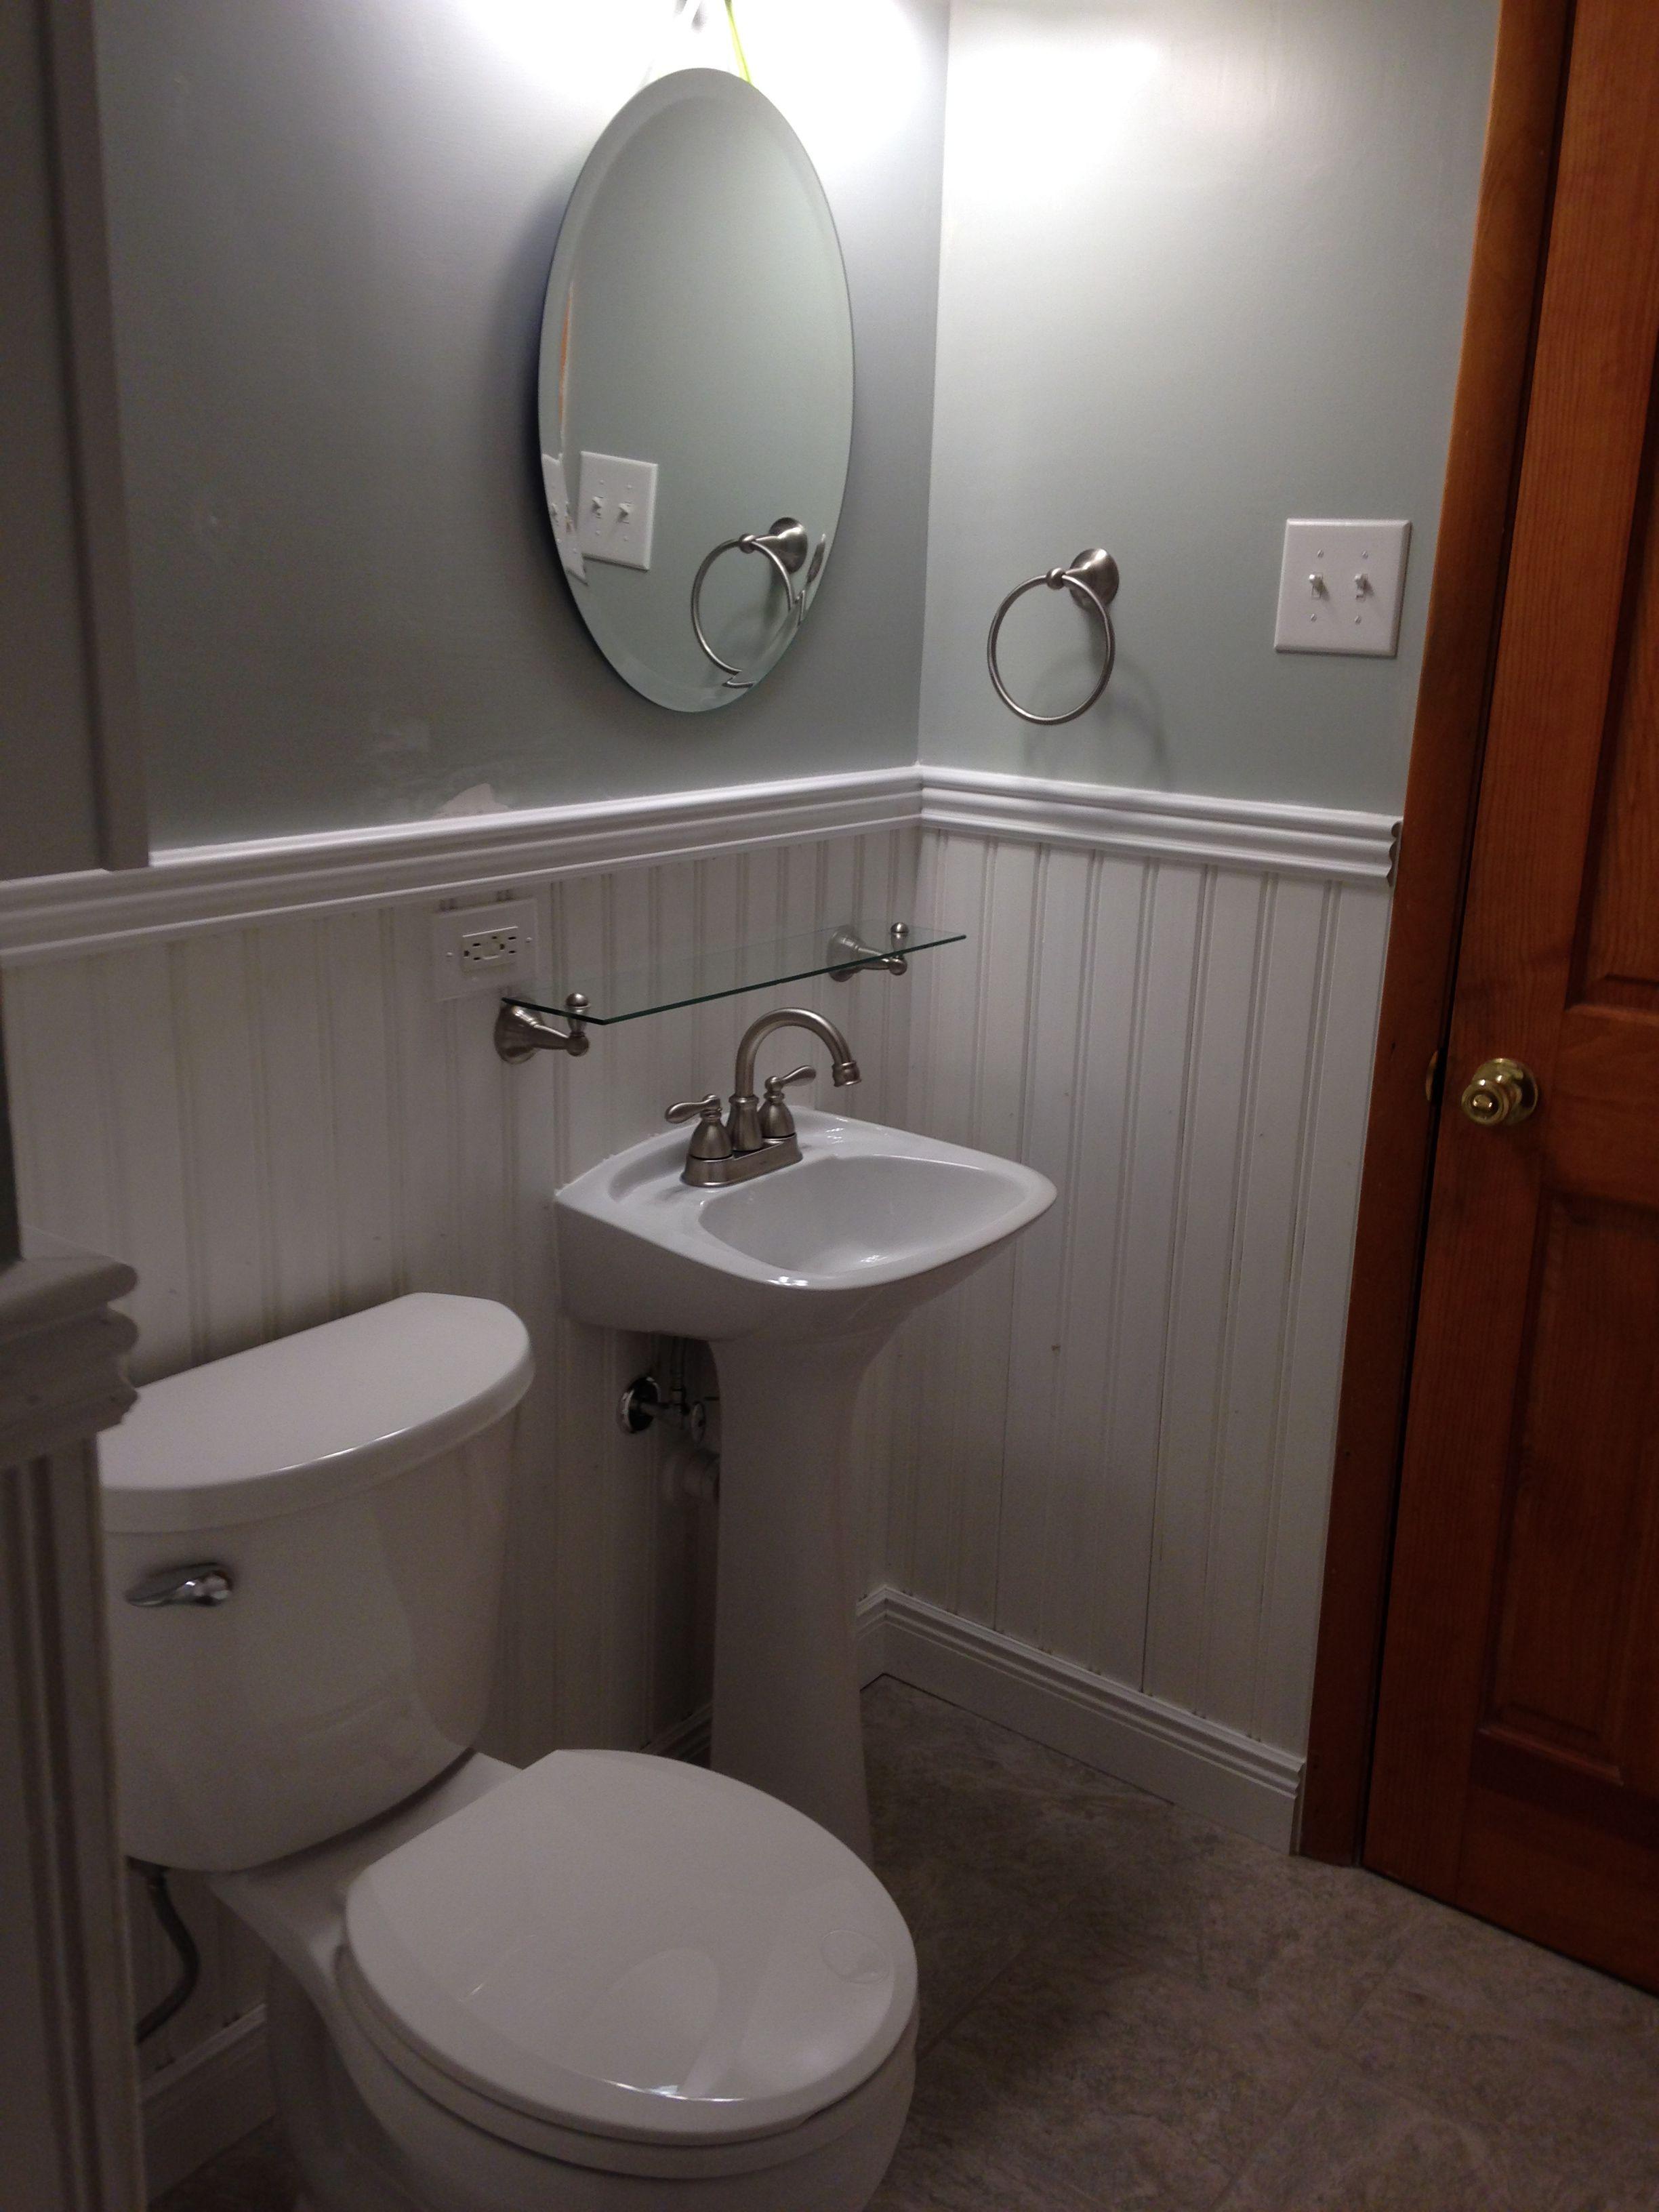 Bathroom Update   Toilet, Pedestal Sink, Porcelain Floor Tile, Painted  Wainscoting, Base